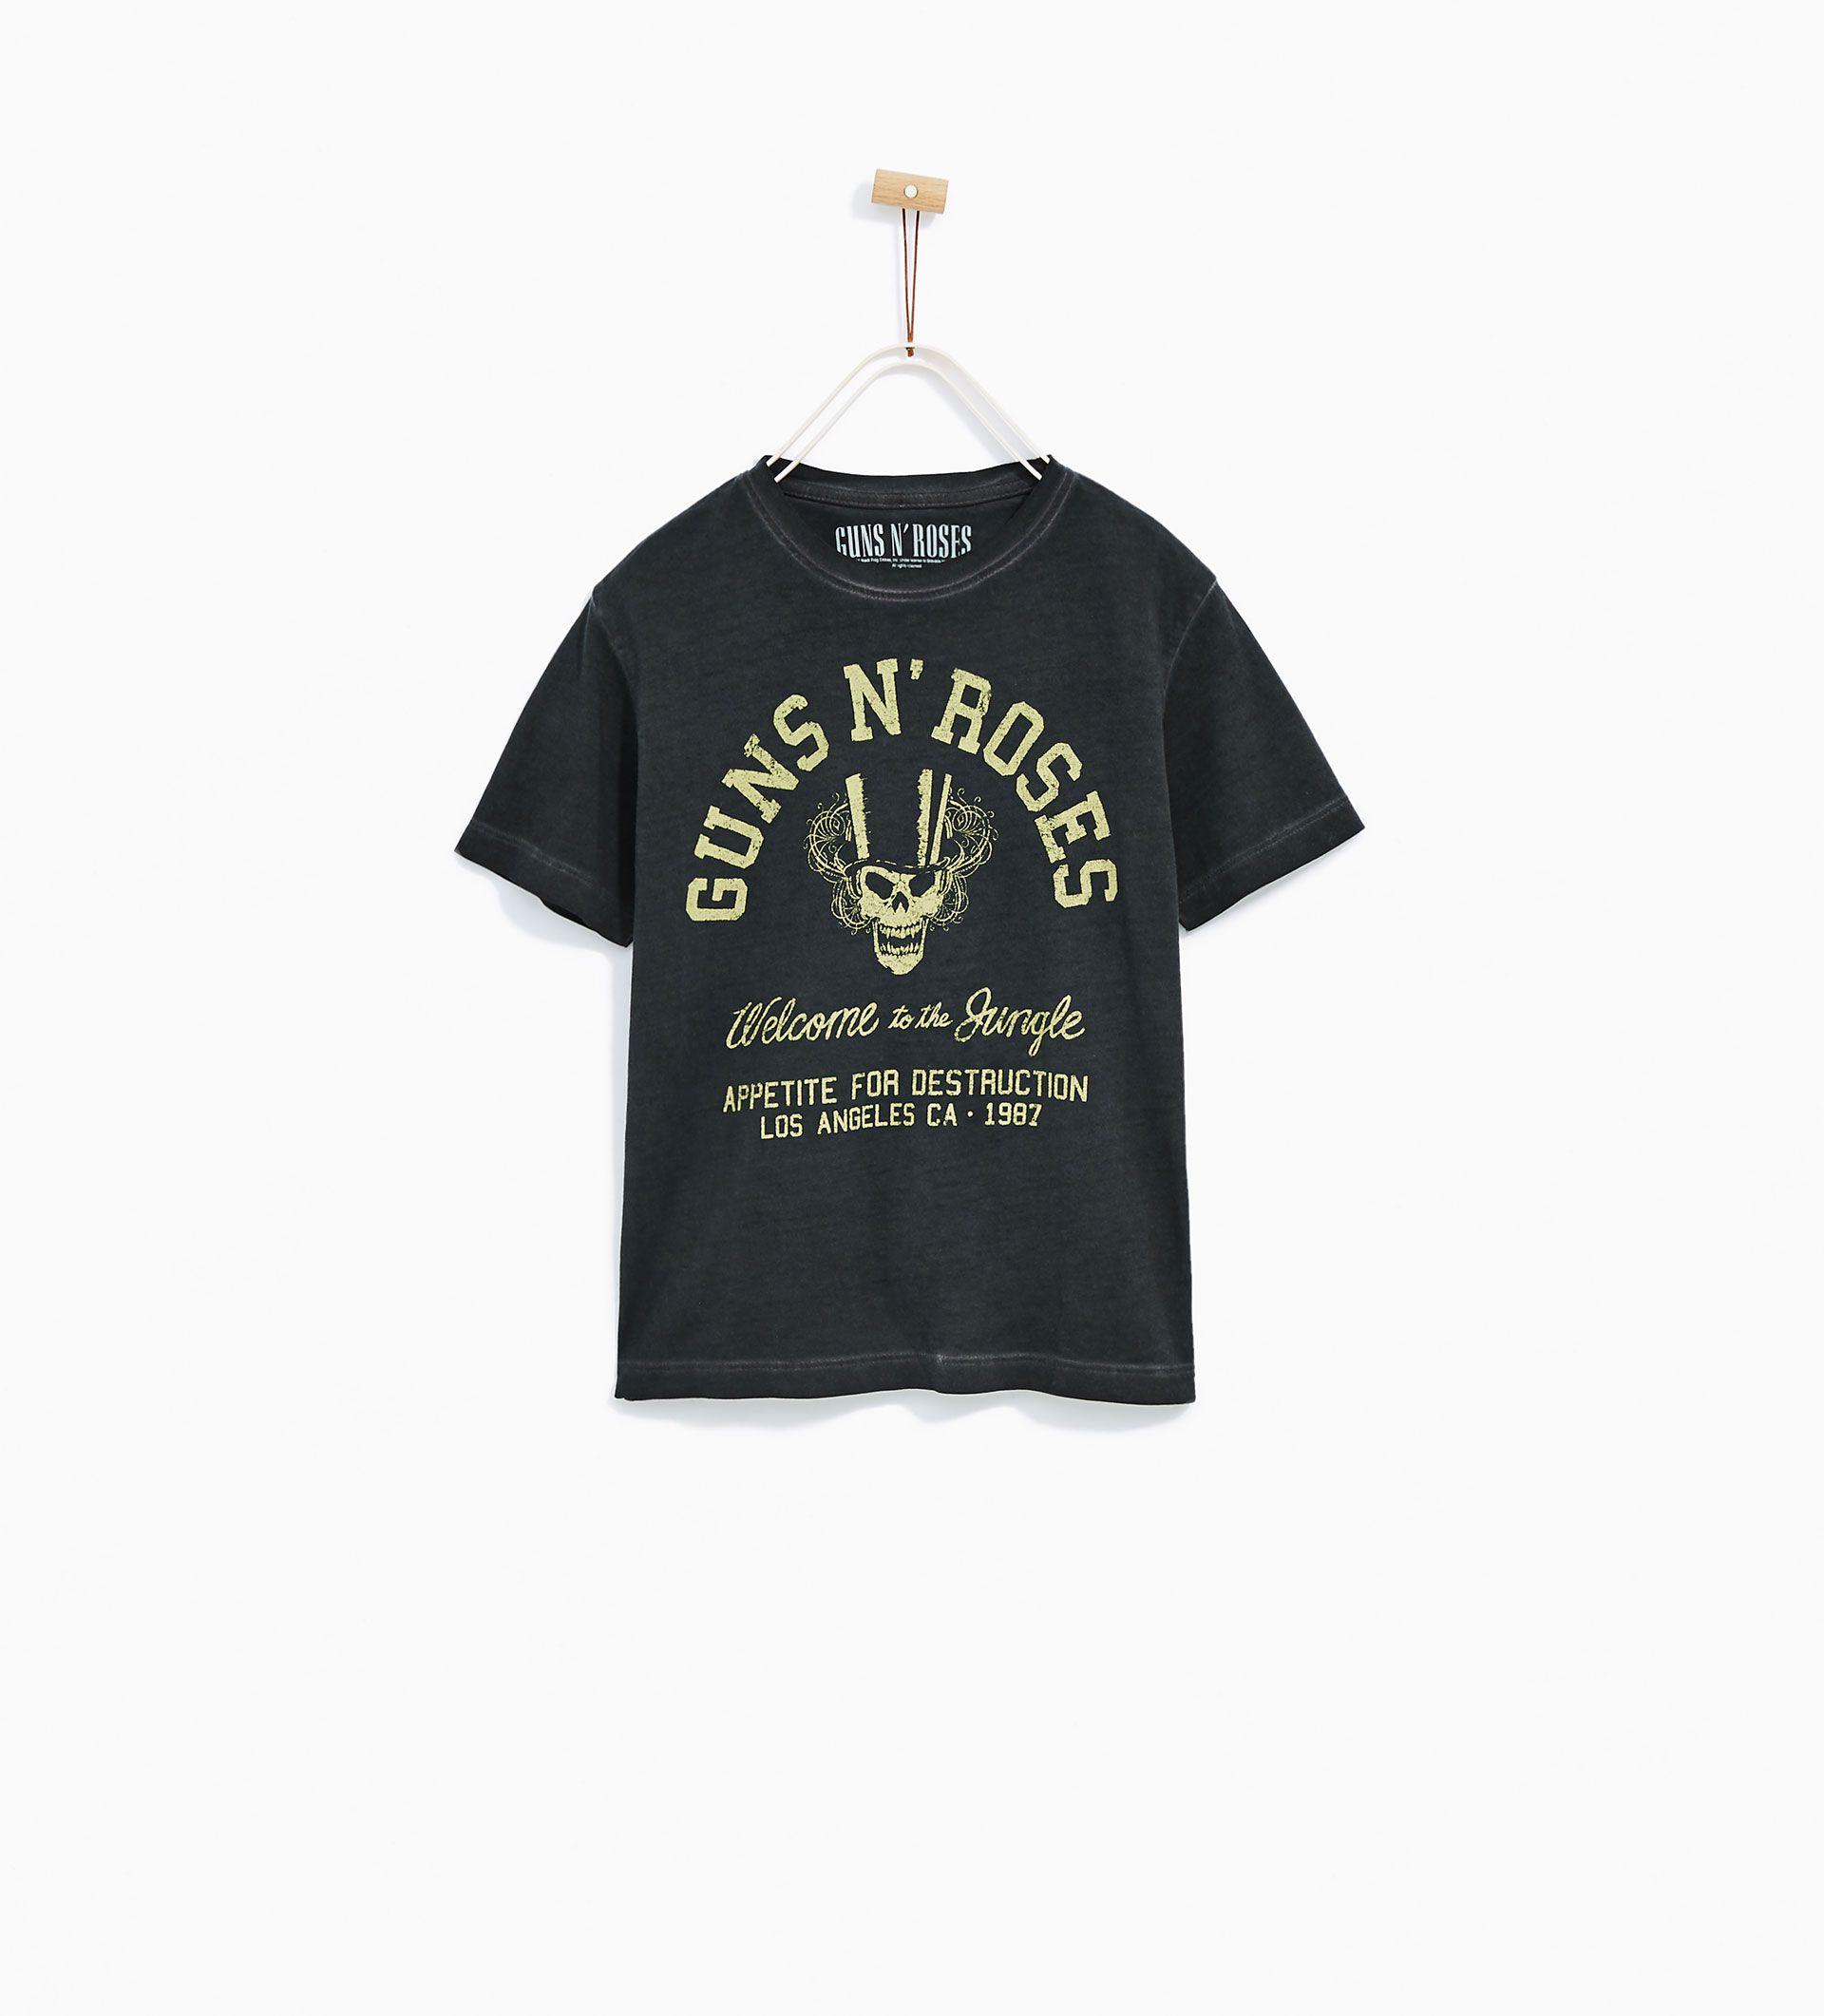 Camisetas de Kiss, Metallica y Nirvana, para peques, en Zara